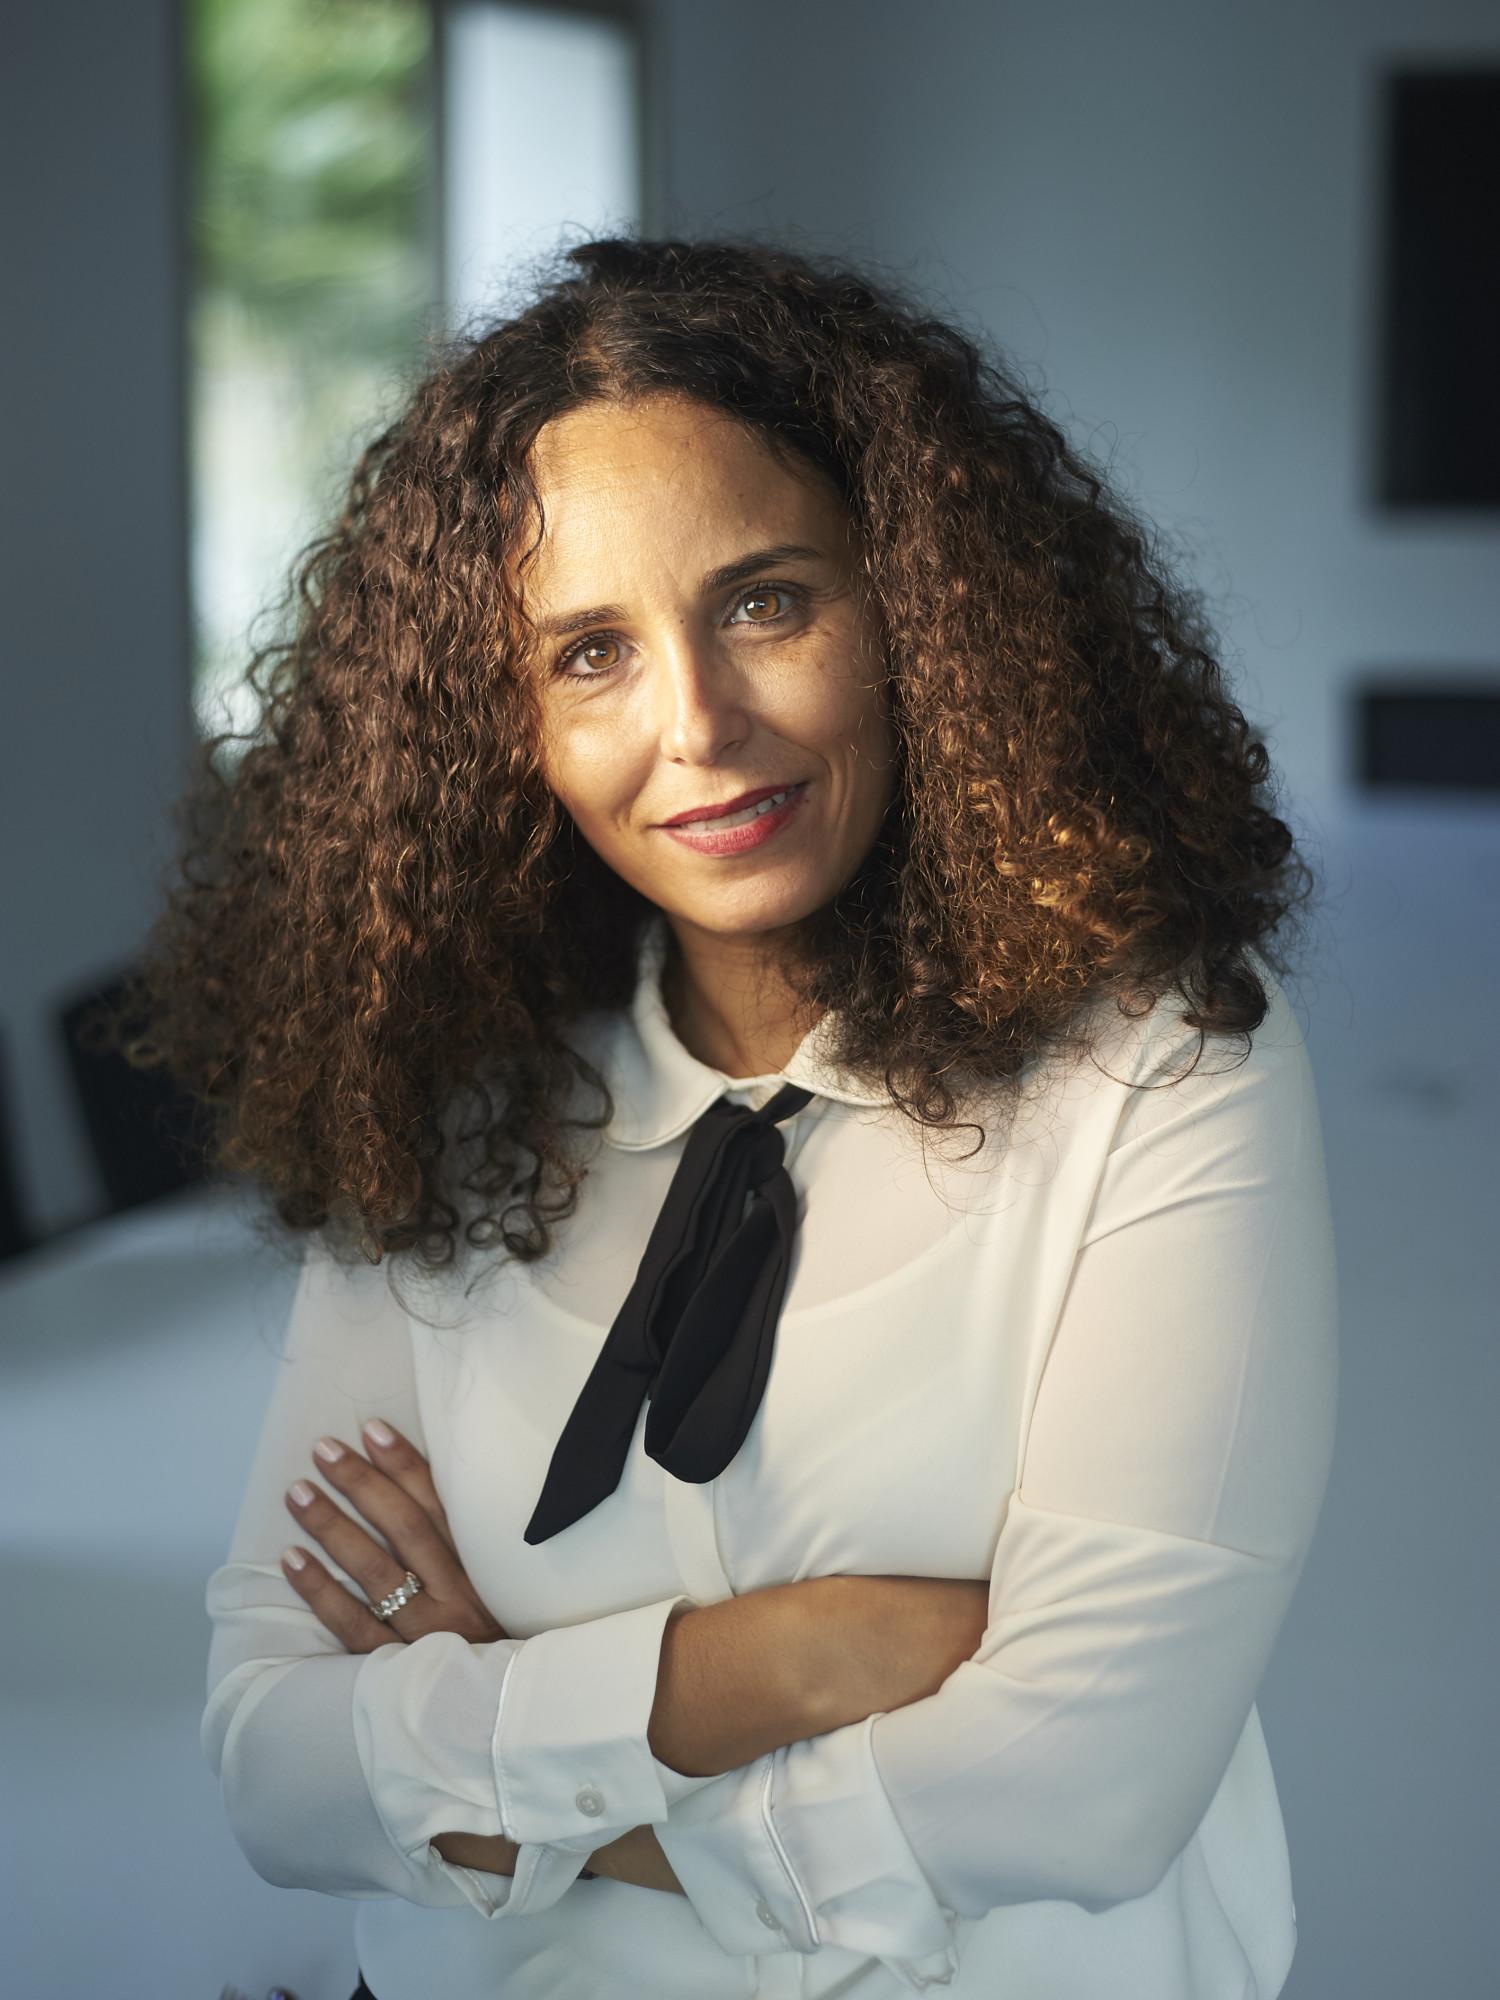 Mouna Boubia